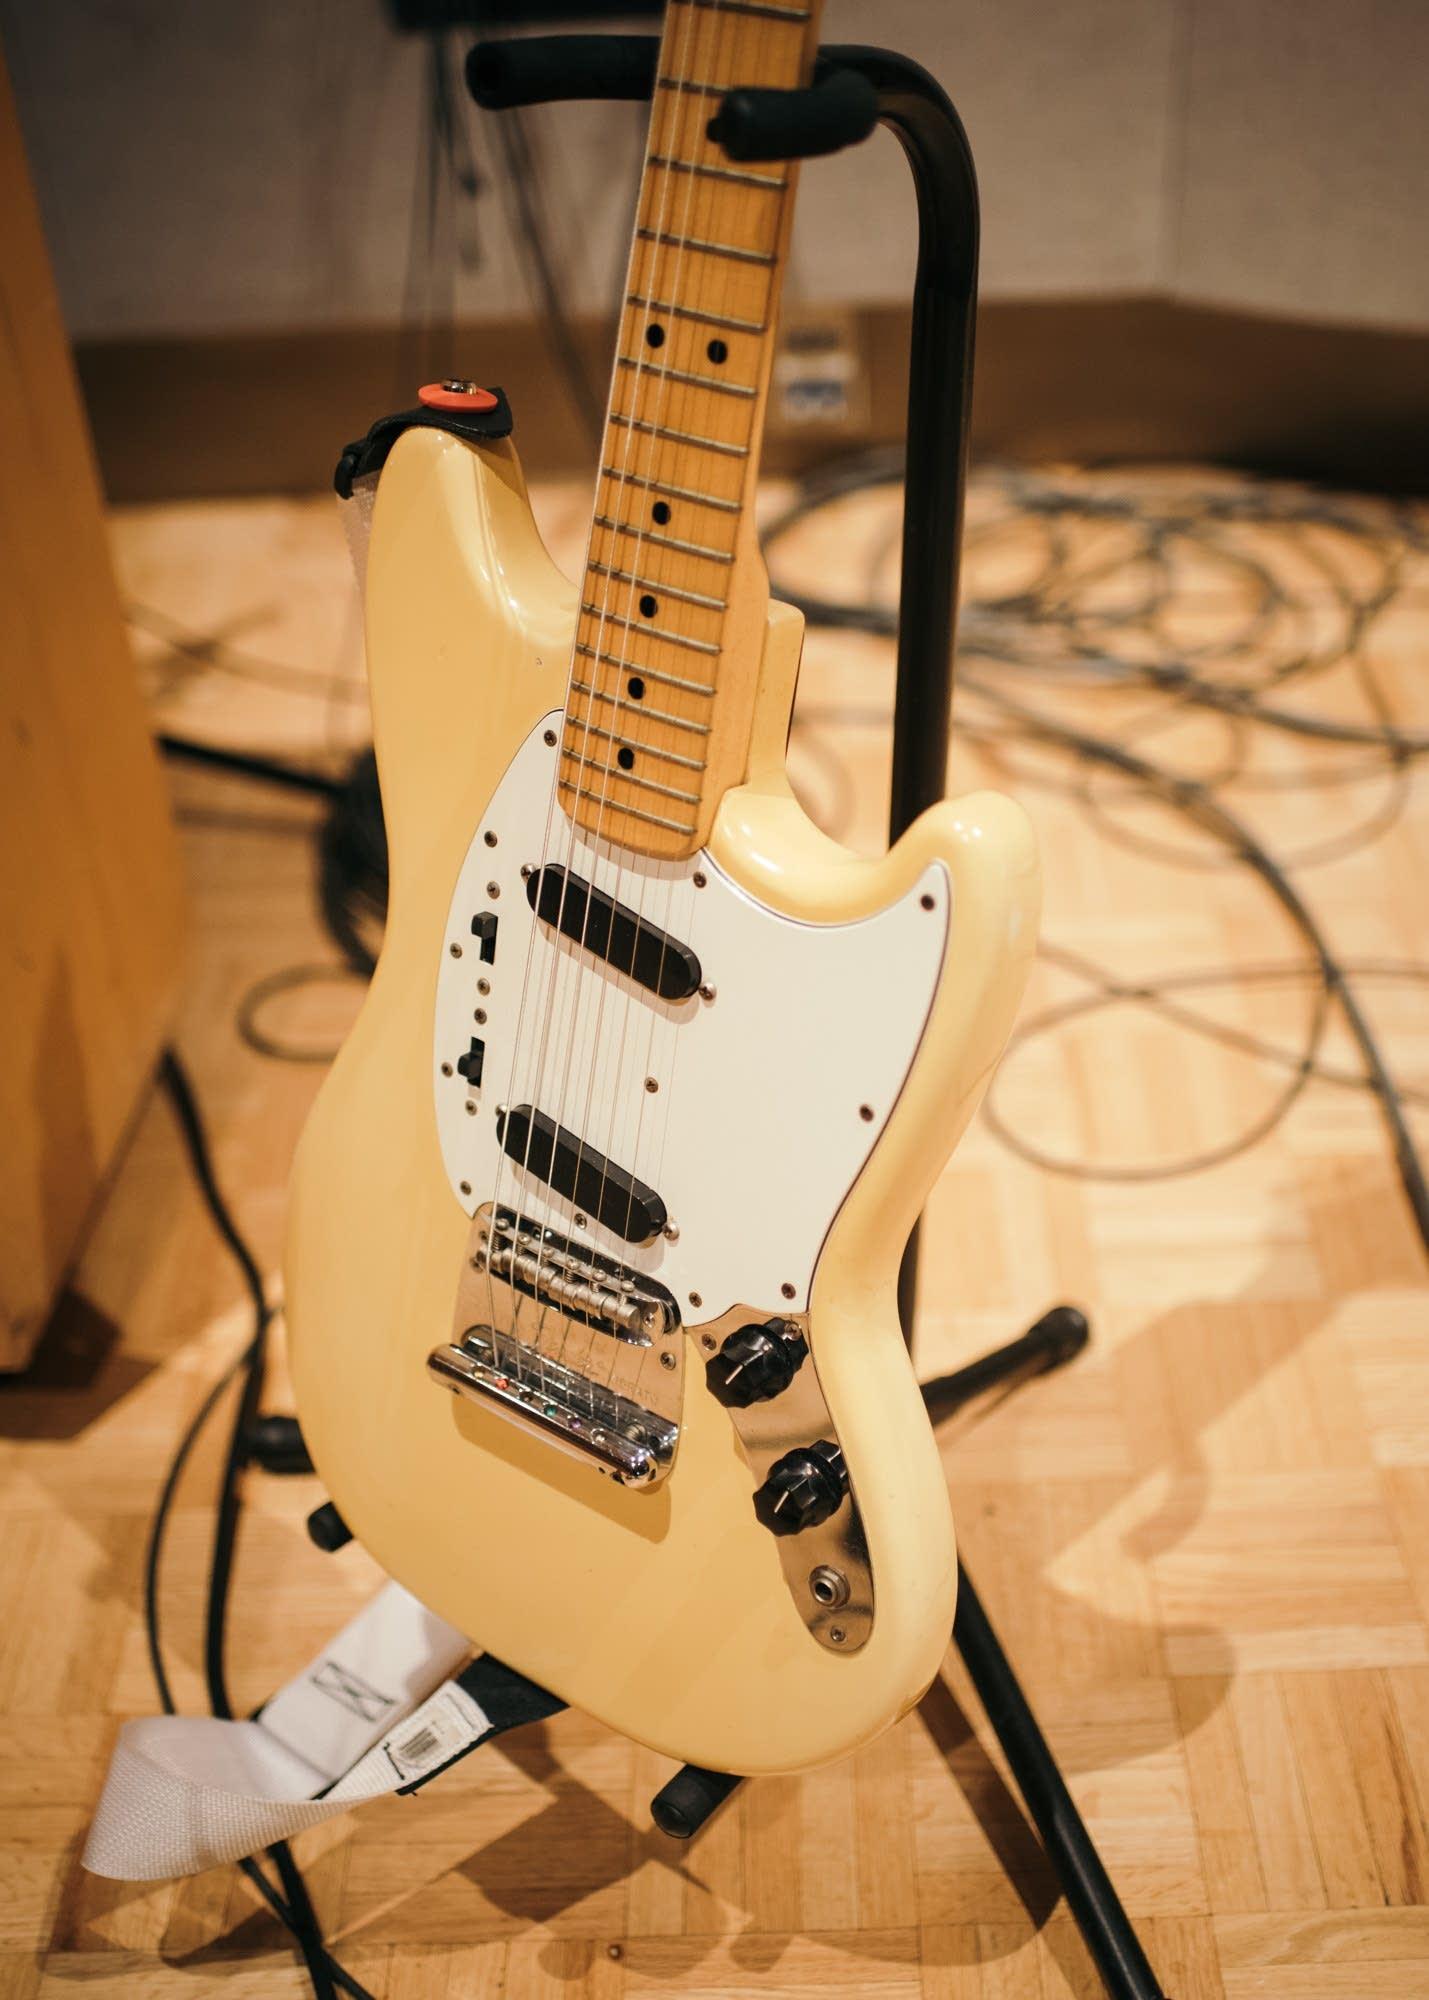 Amber Bain's 1976 Fender Mustang